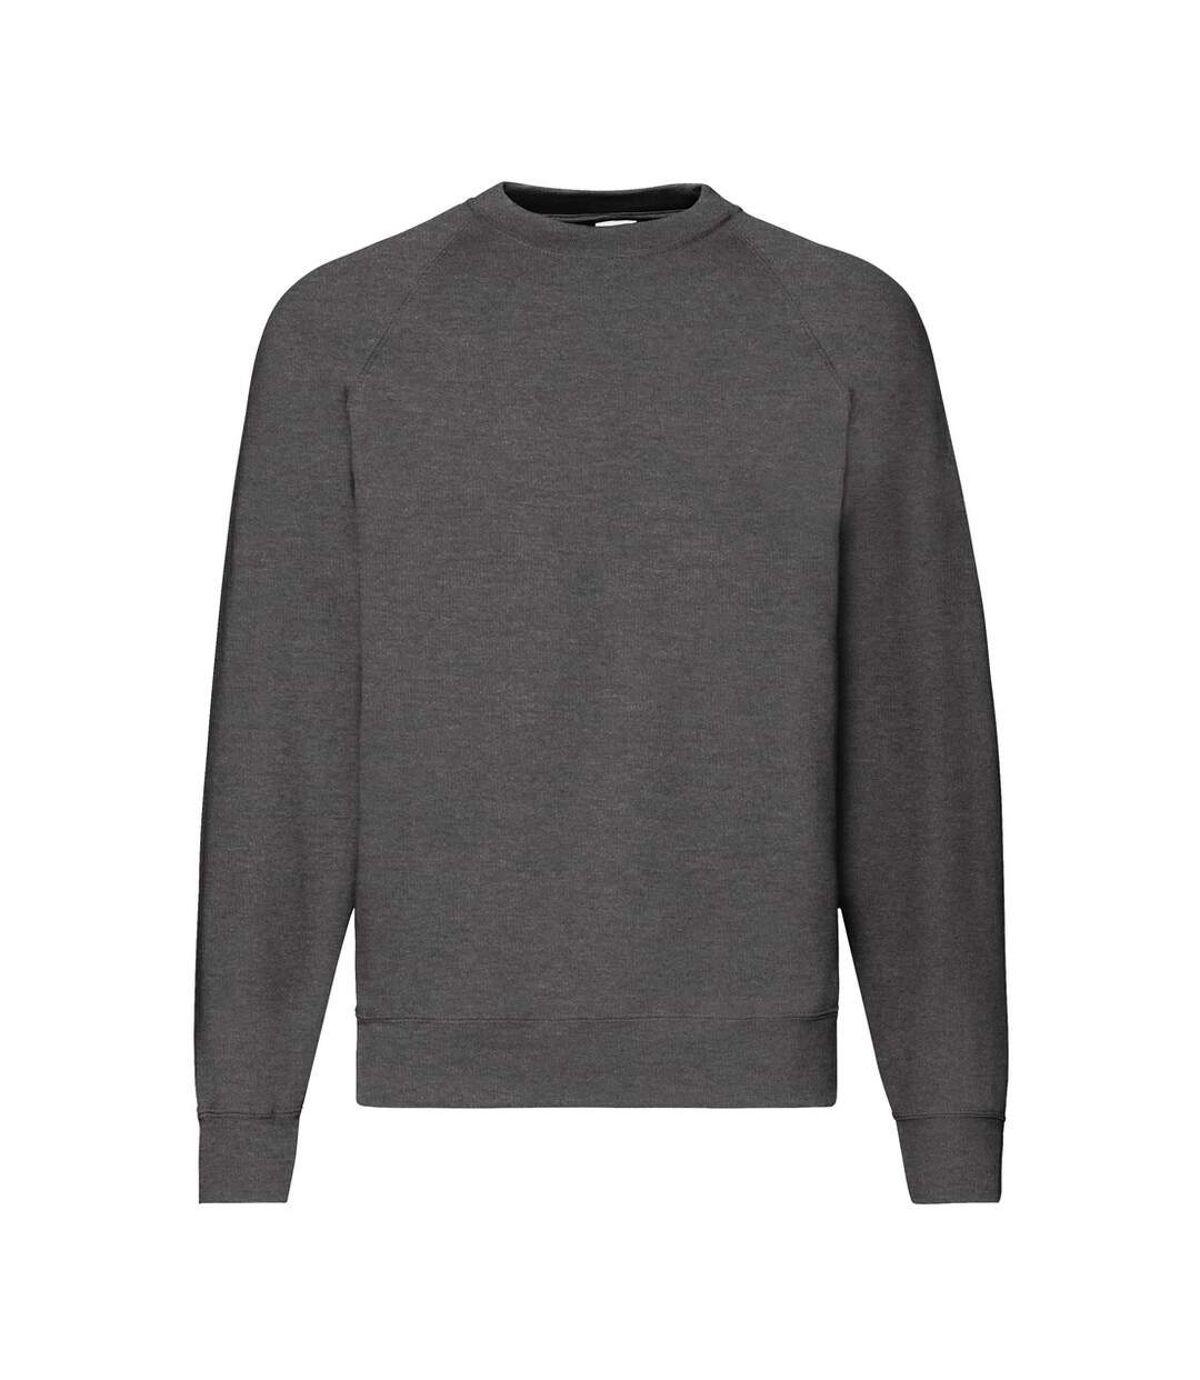 Fruit Of The Loom Mens Raglan Sleeve Belcoro® Sweatshirt (Purple) - UTBC368